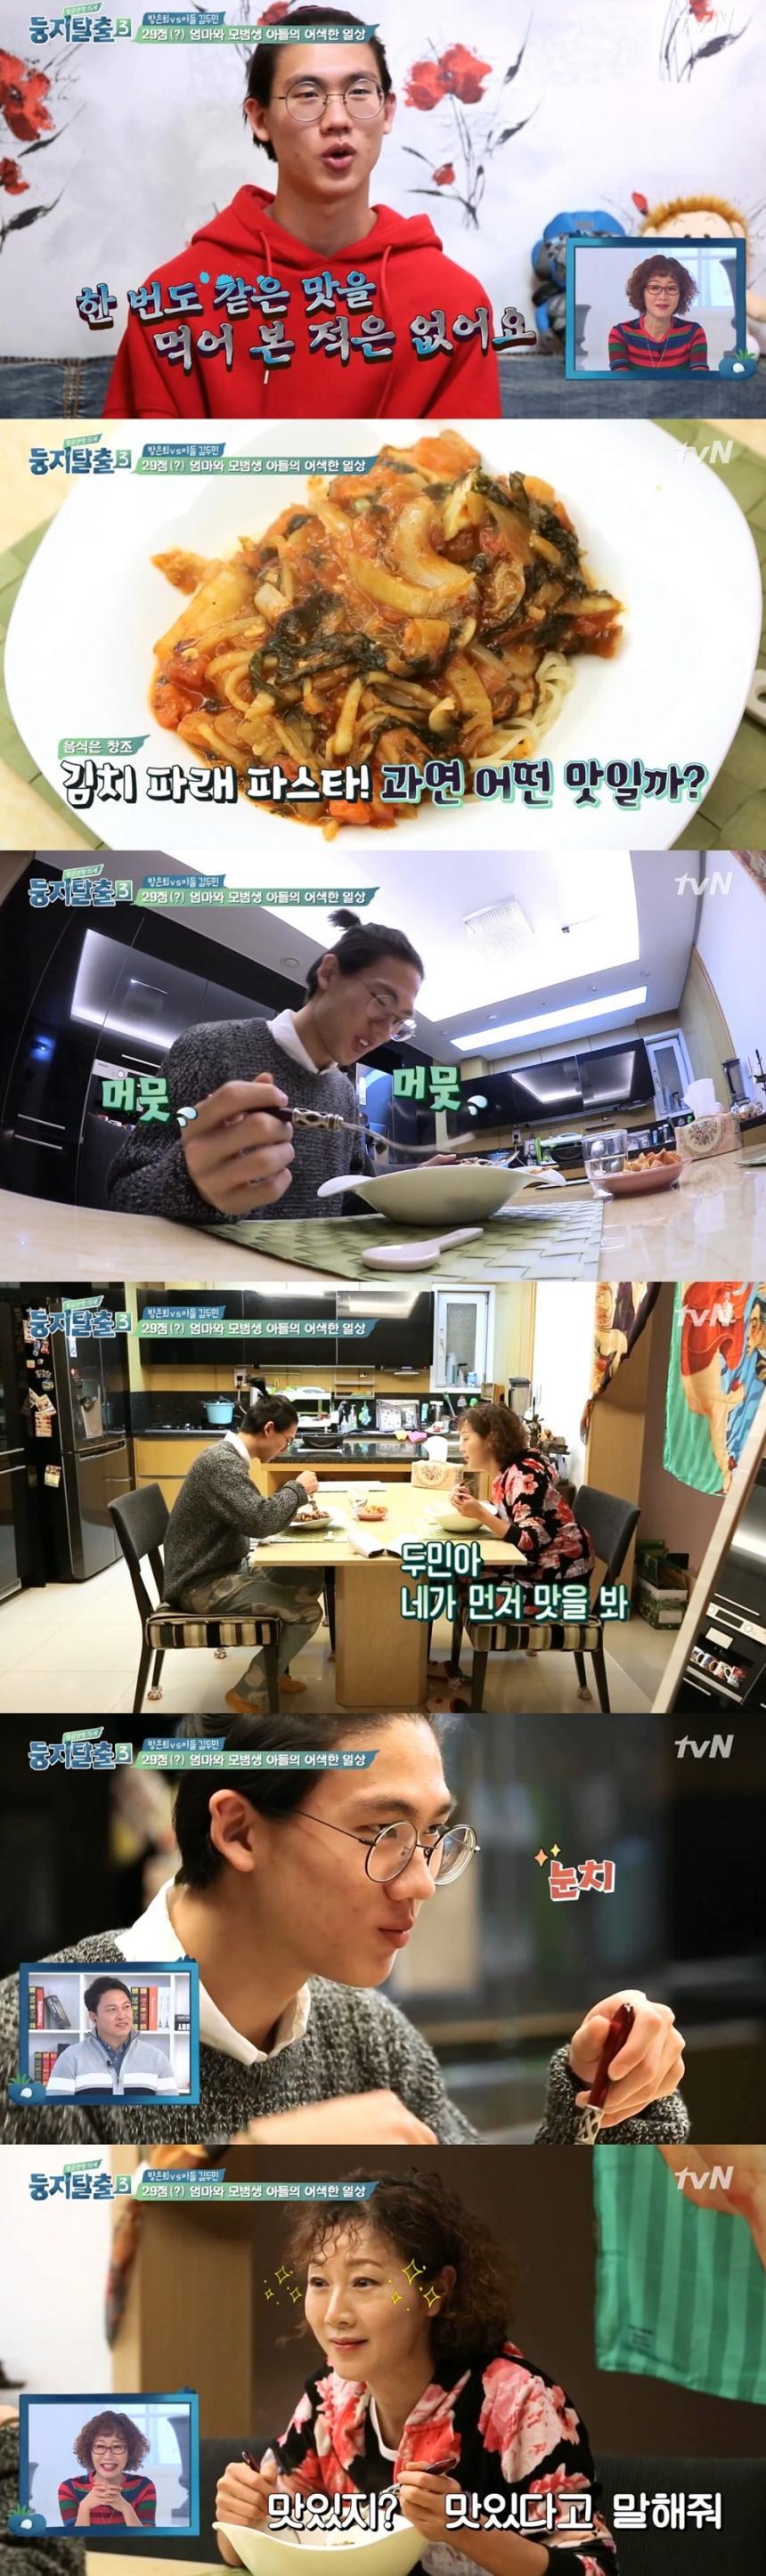 방은희 아들 김두민 / tvN '둥지탈출 시즌3' 방송 캡처